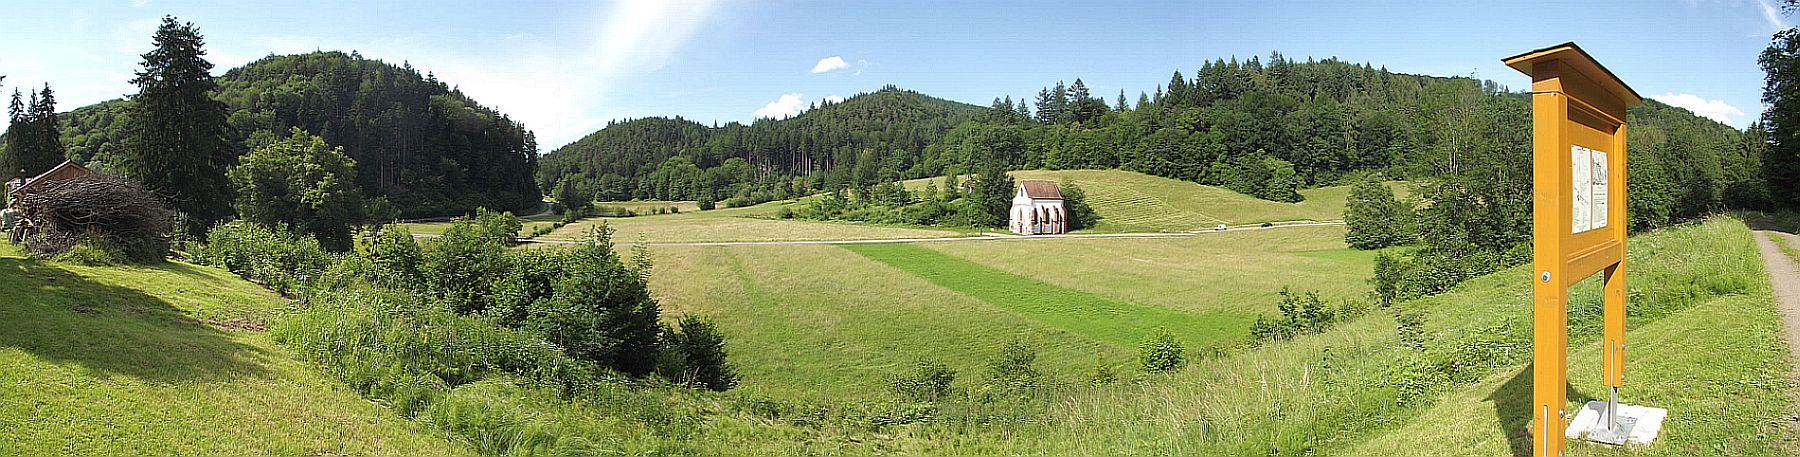 Tennenbach: Foto Hans-Jürgen van Akkeren 2012